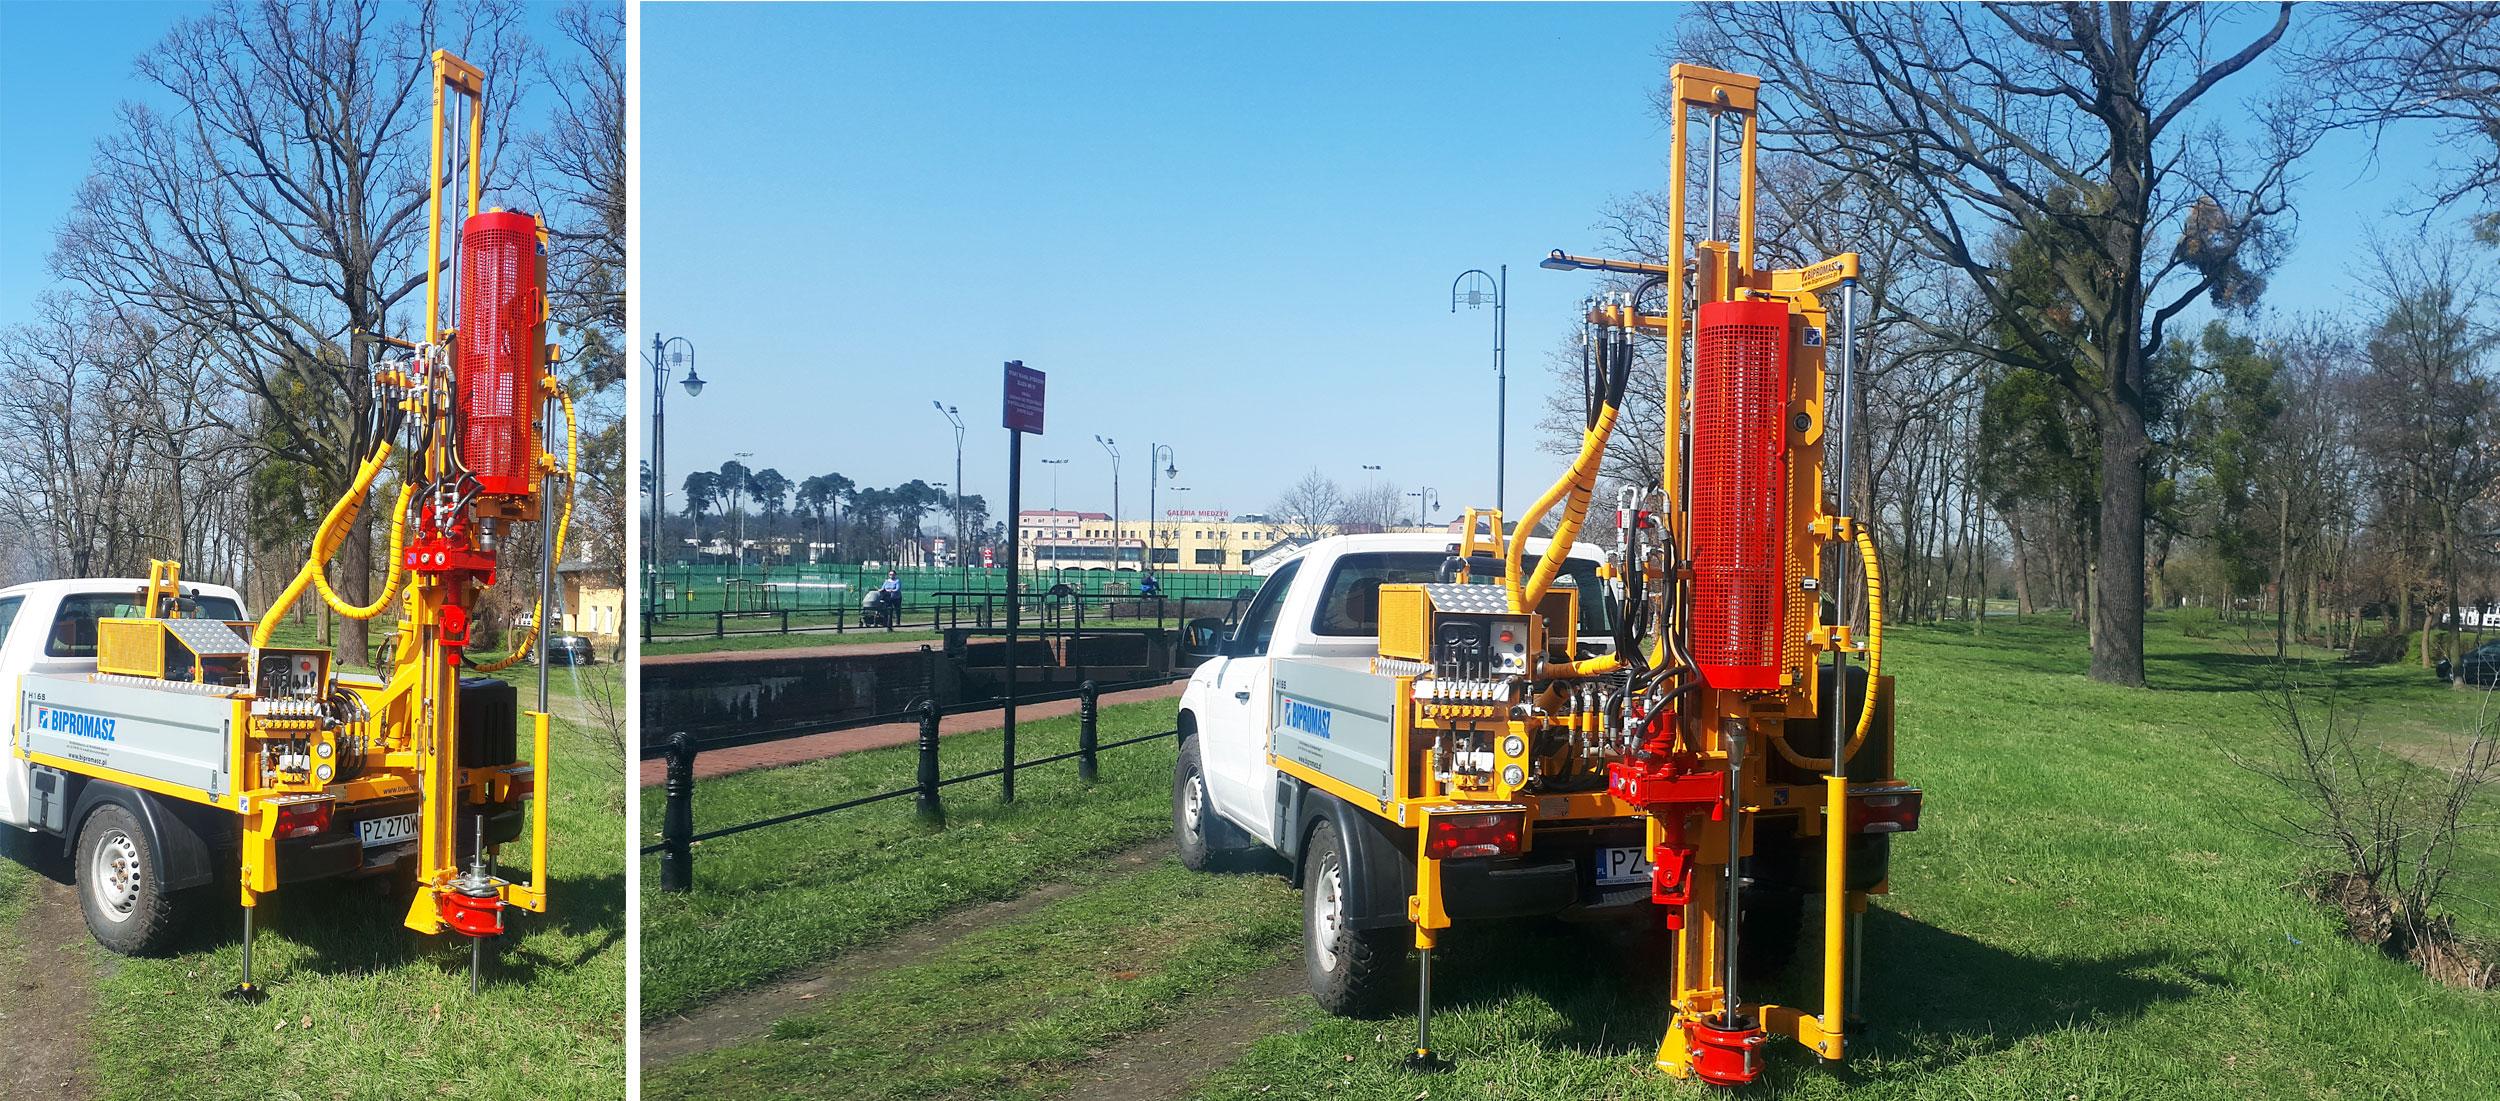 Sonda dynamiczna Bipromasz WSU-63 do badań gruntu metodami SPT, DPSH, DPH, DPM i DPL zamontowana na geologicznej wiertnicy samochodowej H16S